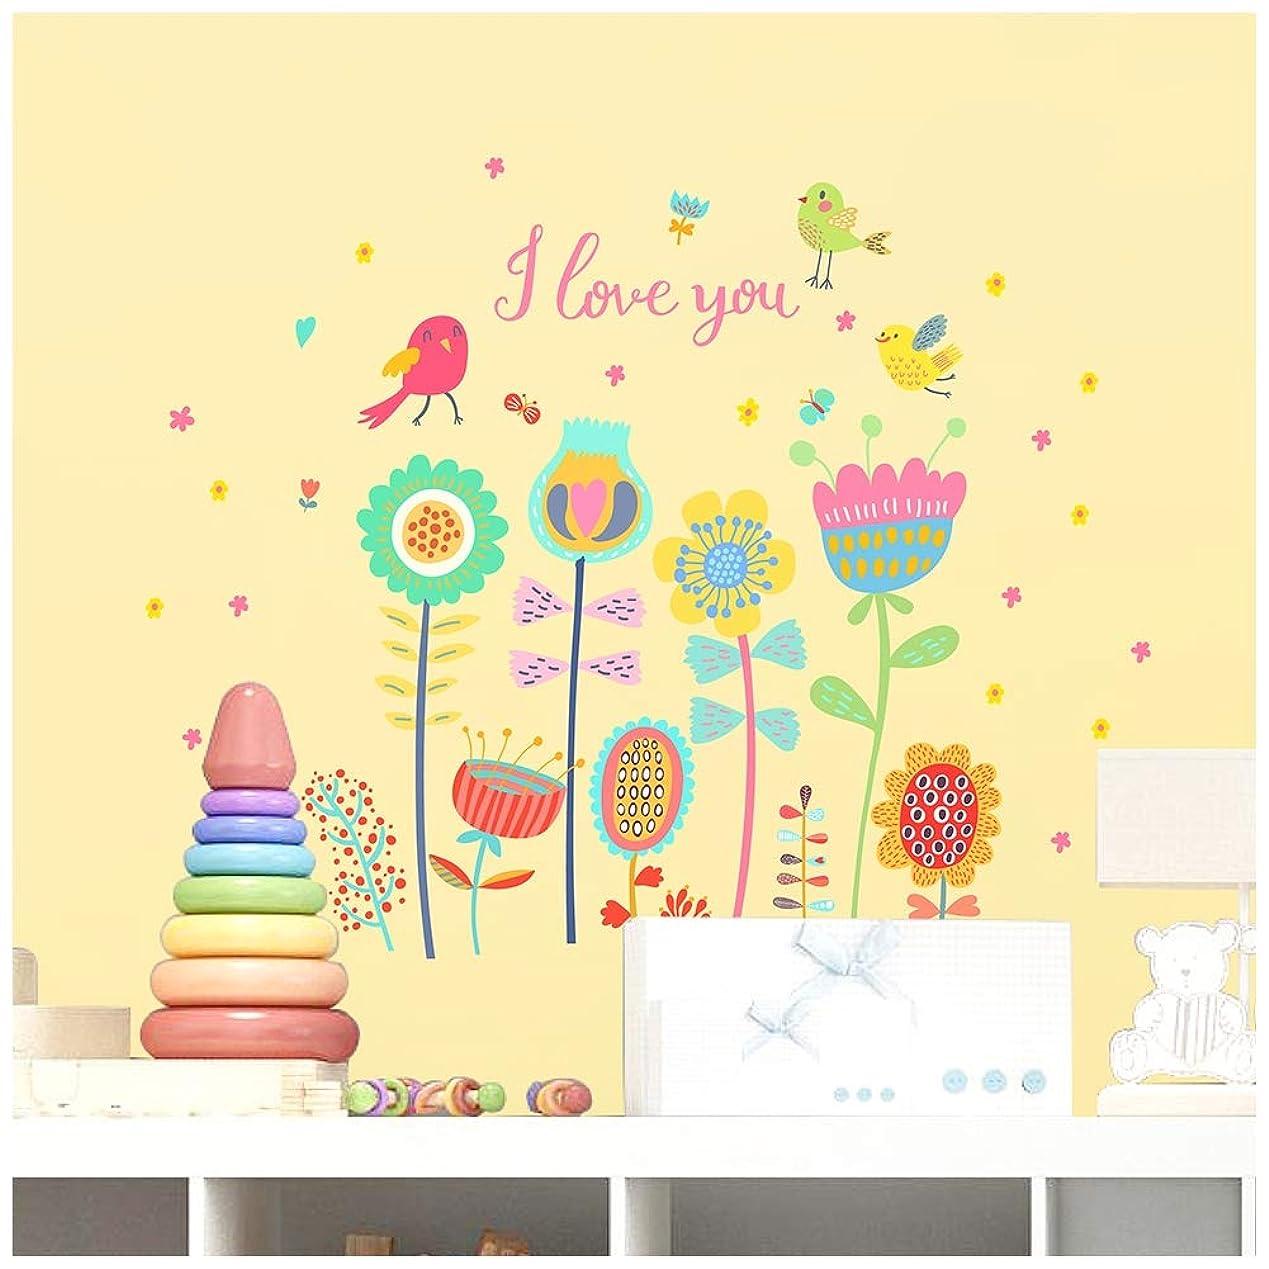 ミリメータートラップ浸したHaokHome W-10703 花 ウォール ステッカー 花 可愛い 北欧 ステッカー 花 防水 子供 部屋 居間 壁飾り ステッカー